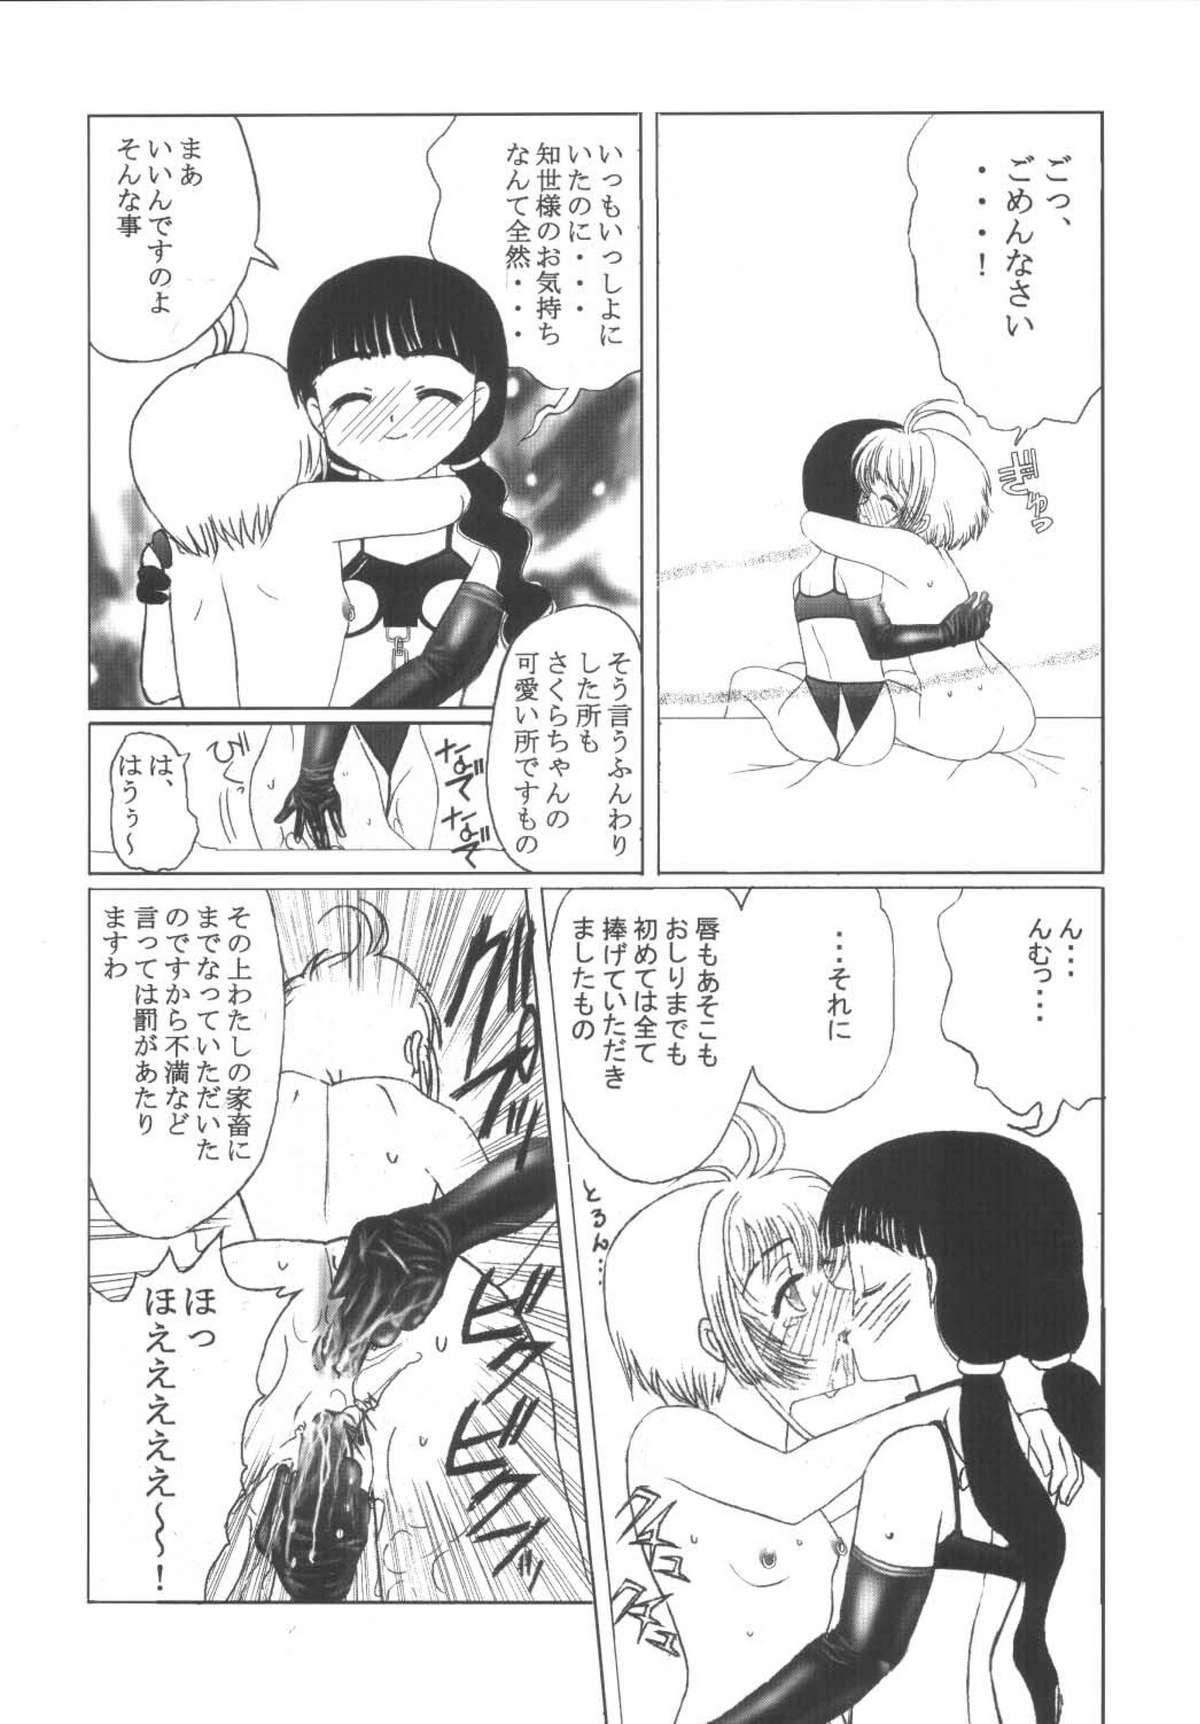 Kuuronziyou 10 Sakura-chan de Asobou 5 10